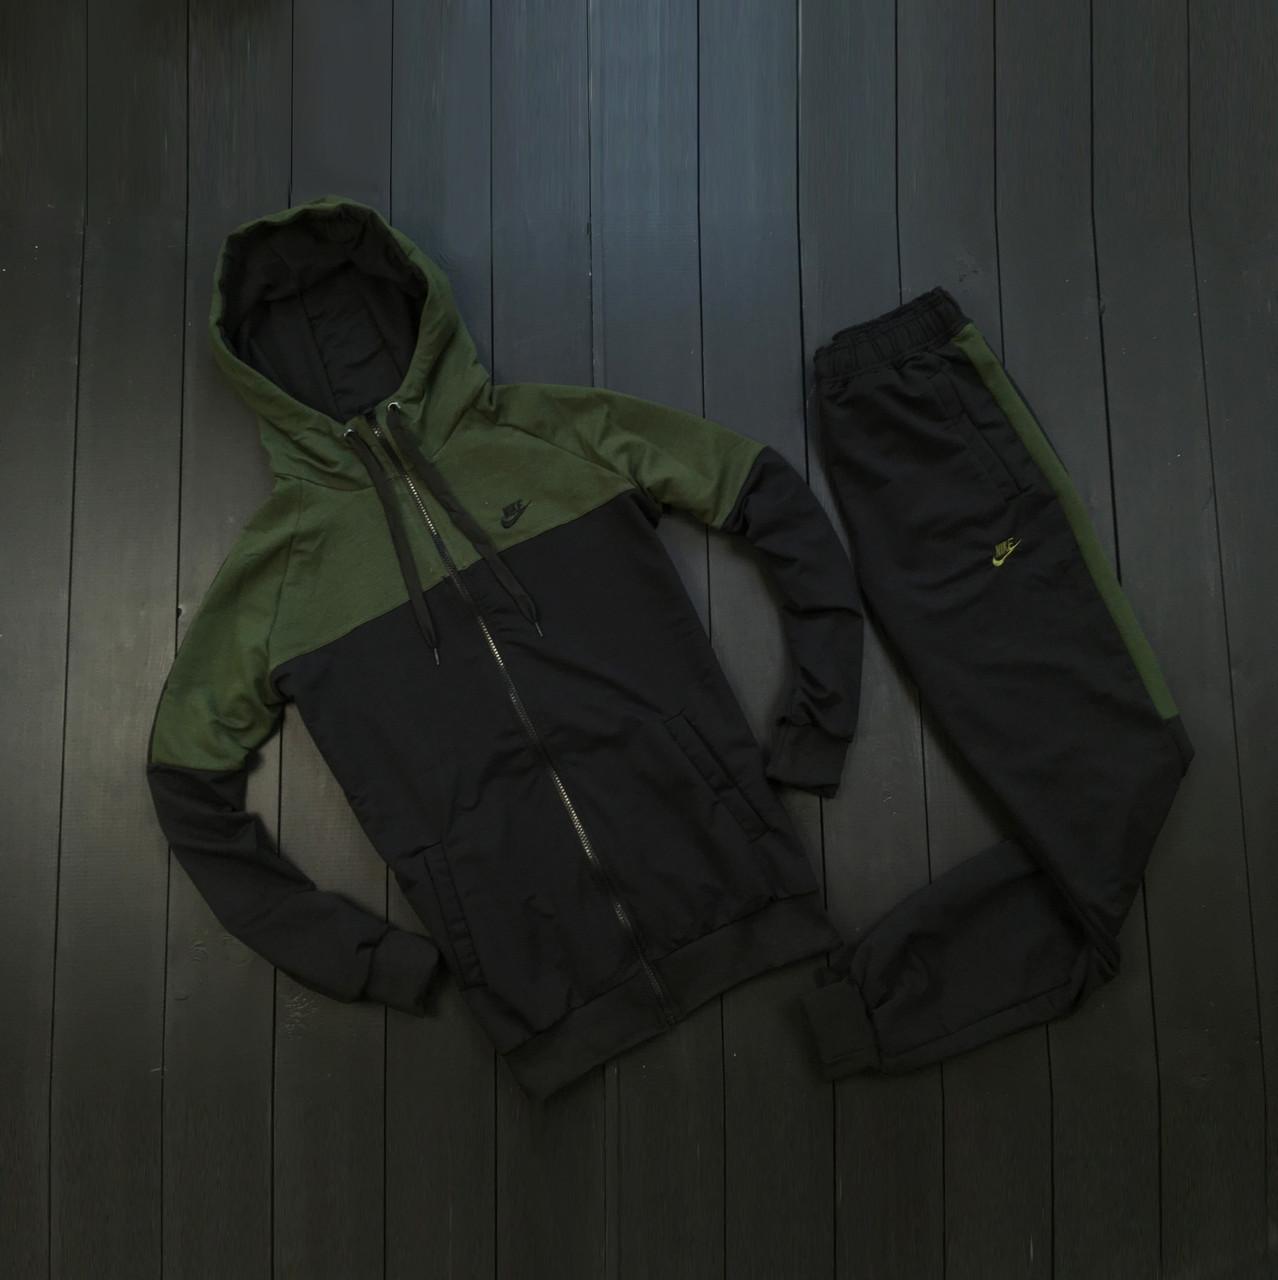 Мужской осенний спортивный костюм Nike (black/white), спортивный костюм Найк (Реплика ААА)